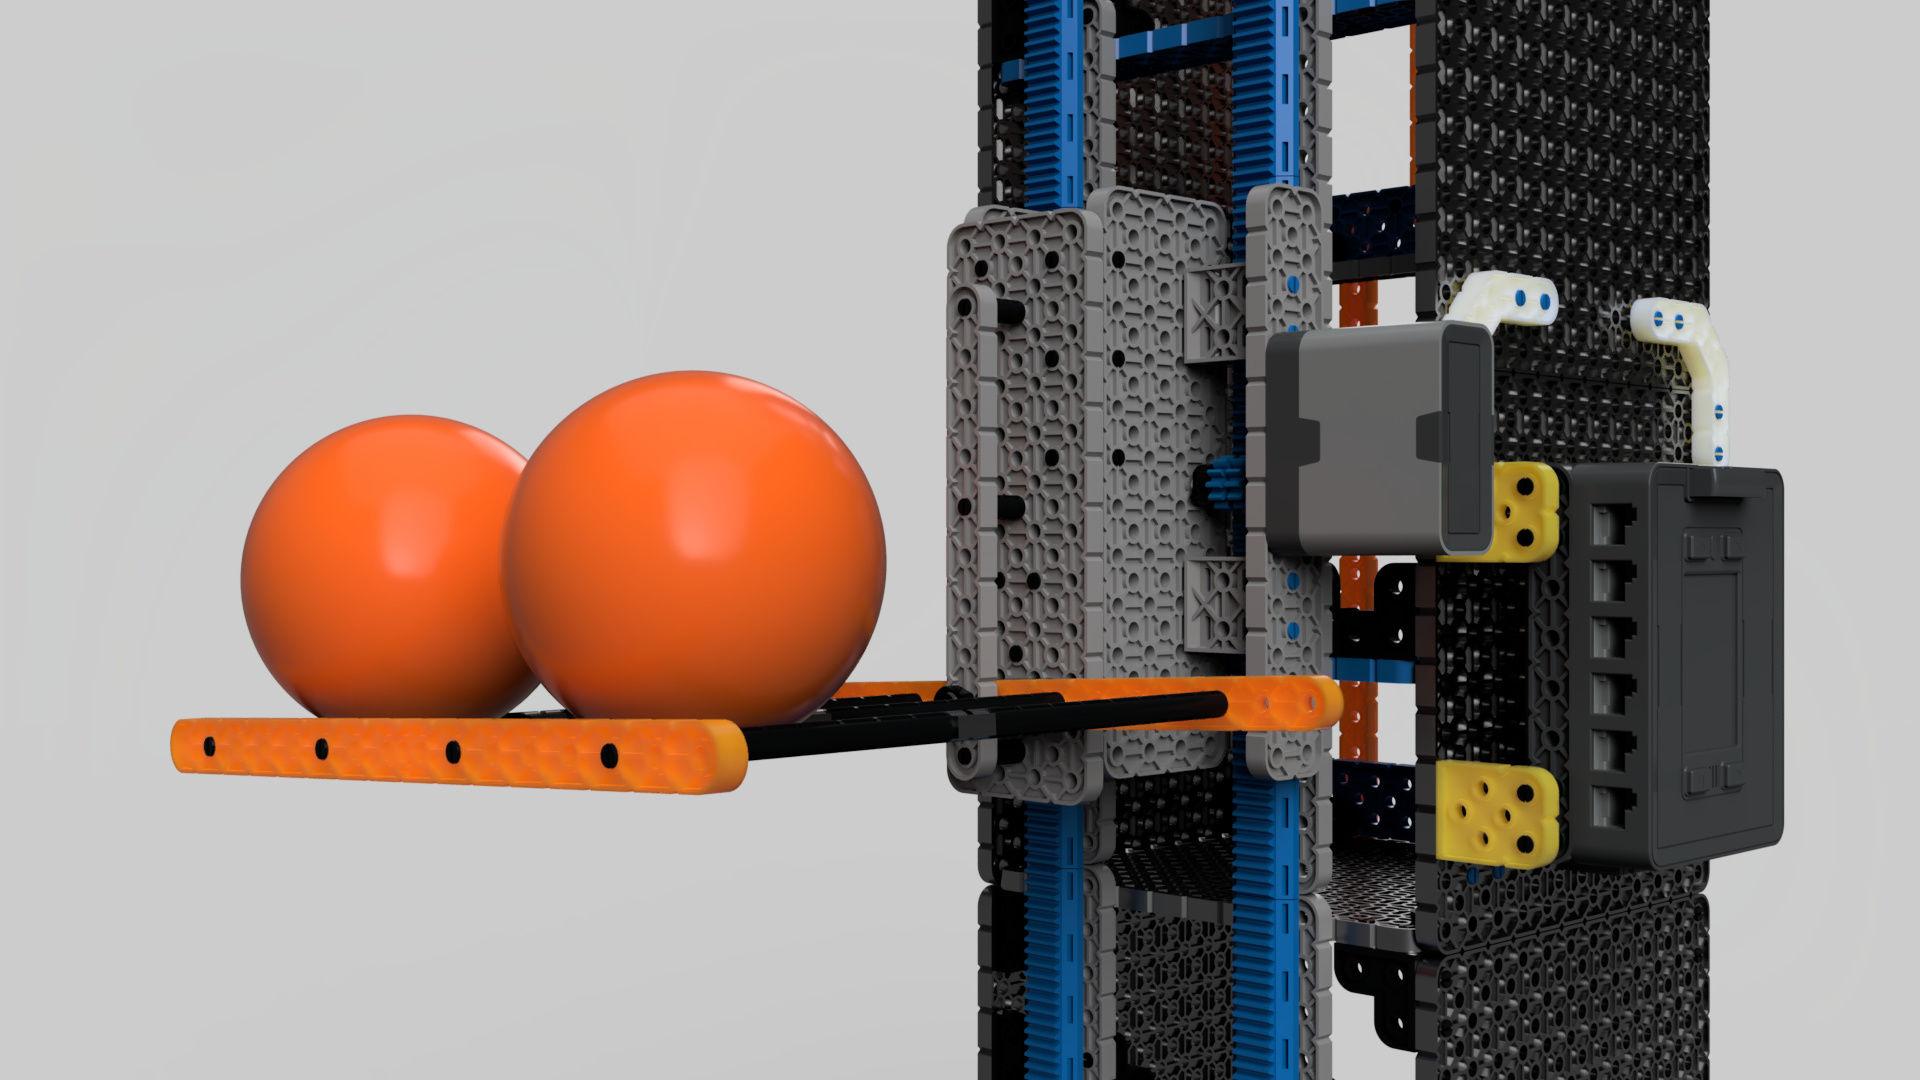 Elevador---desafio-de-robotica-2019-2019-nov-28-06-38-47pm-000-customizedview13946524588-jpg-3500-3500